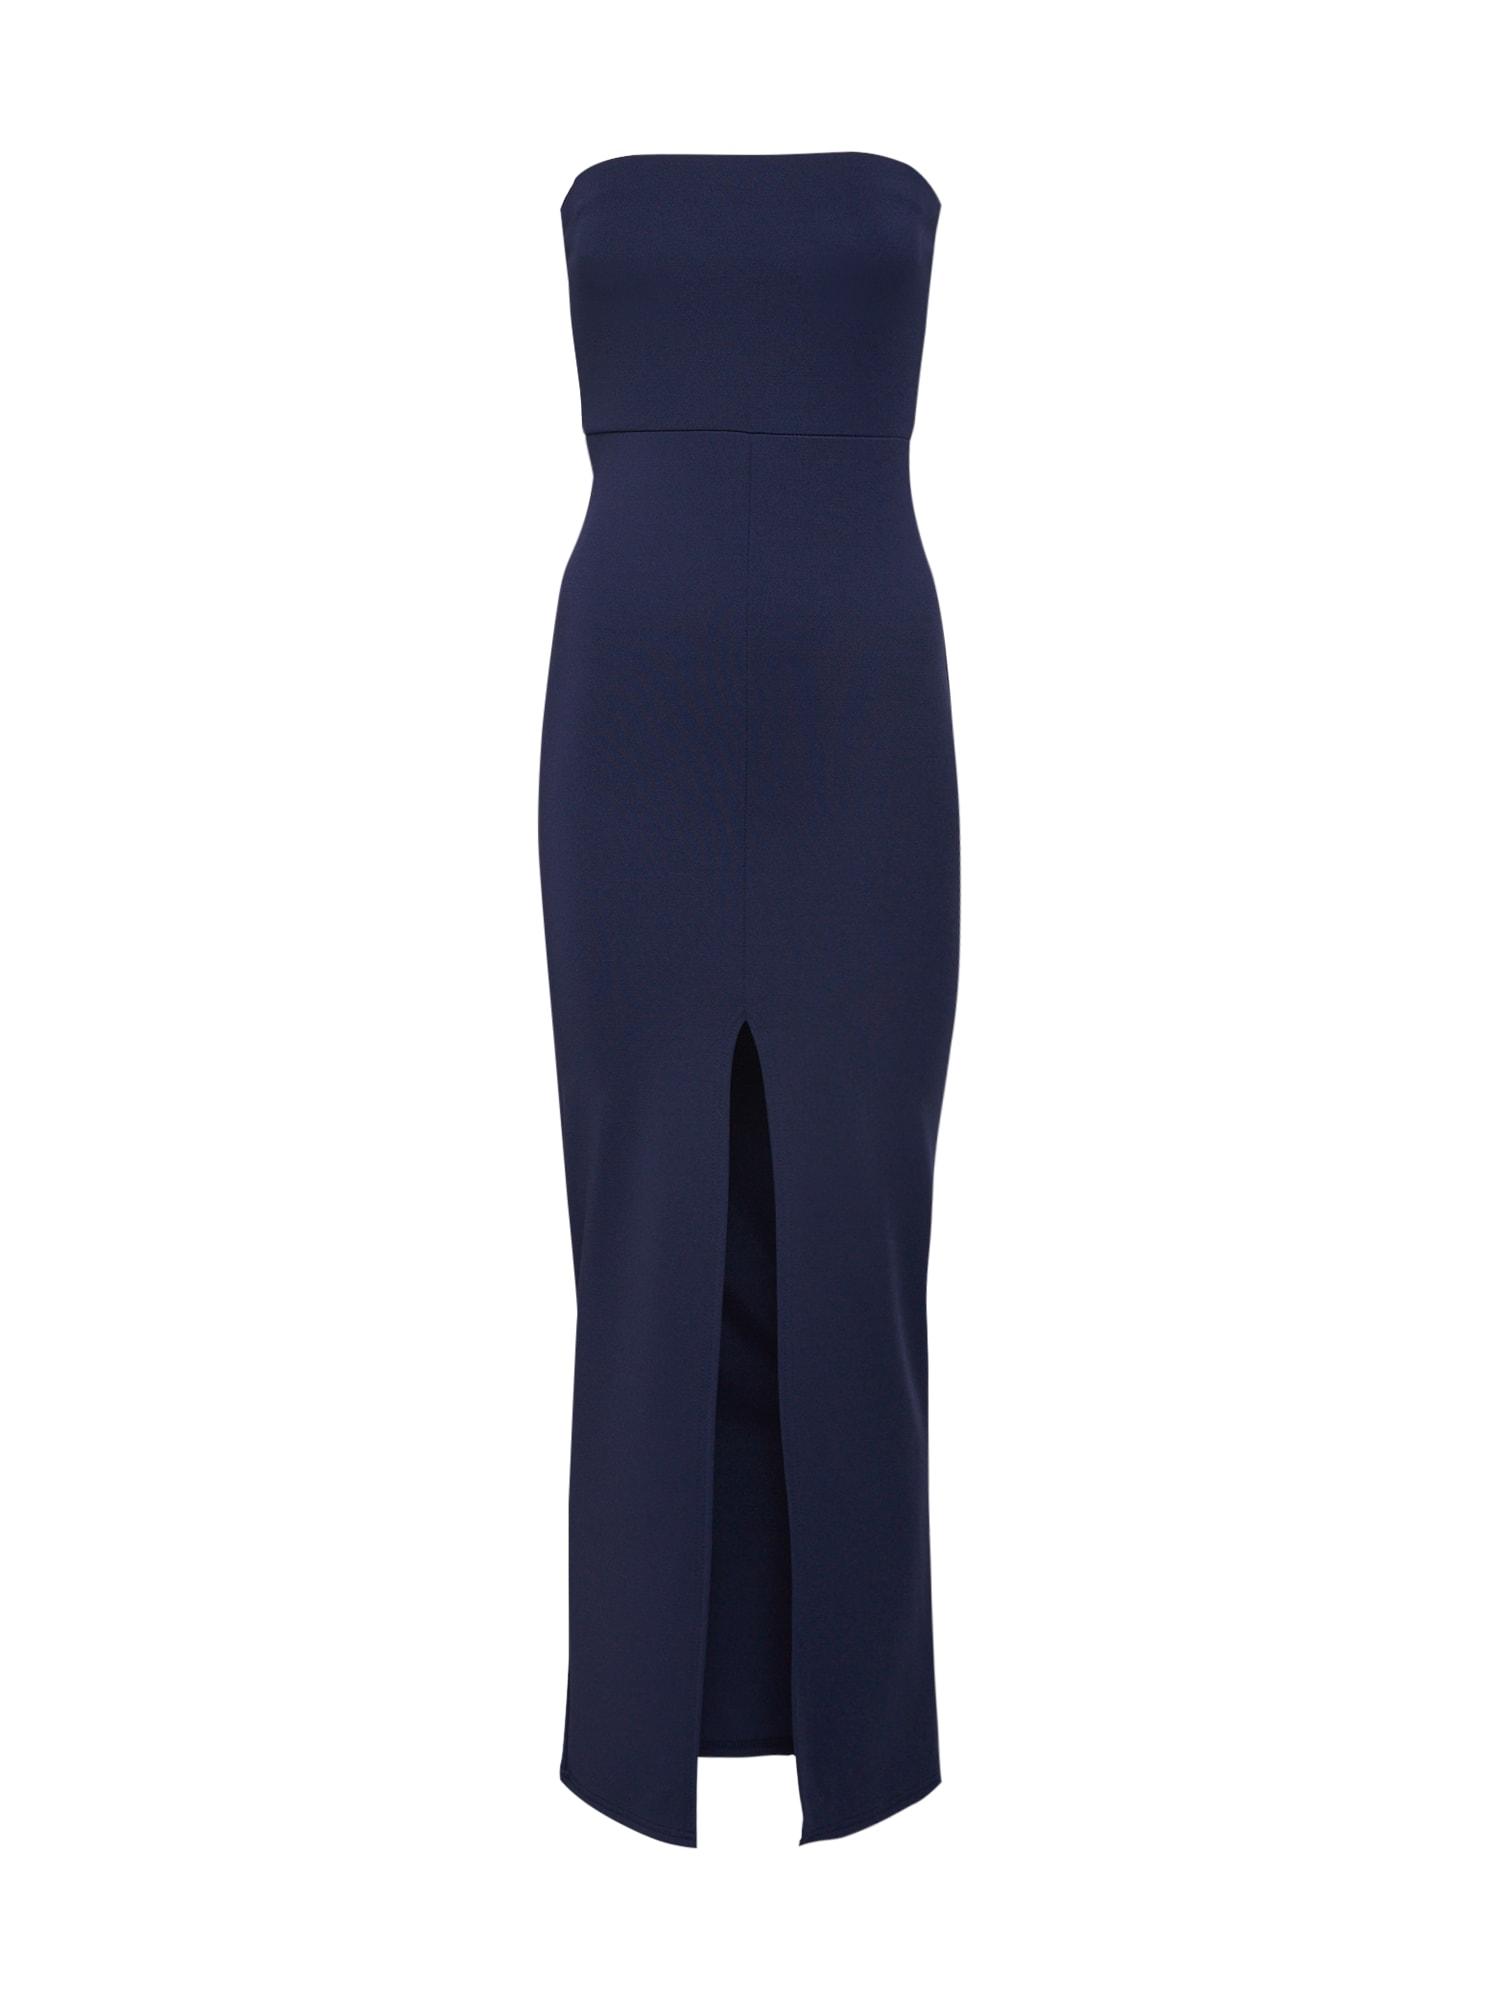 Letní šaty BANDEAU SPLIT FRONT MAXI DRESS námořnická modř Missguided